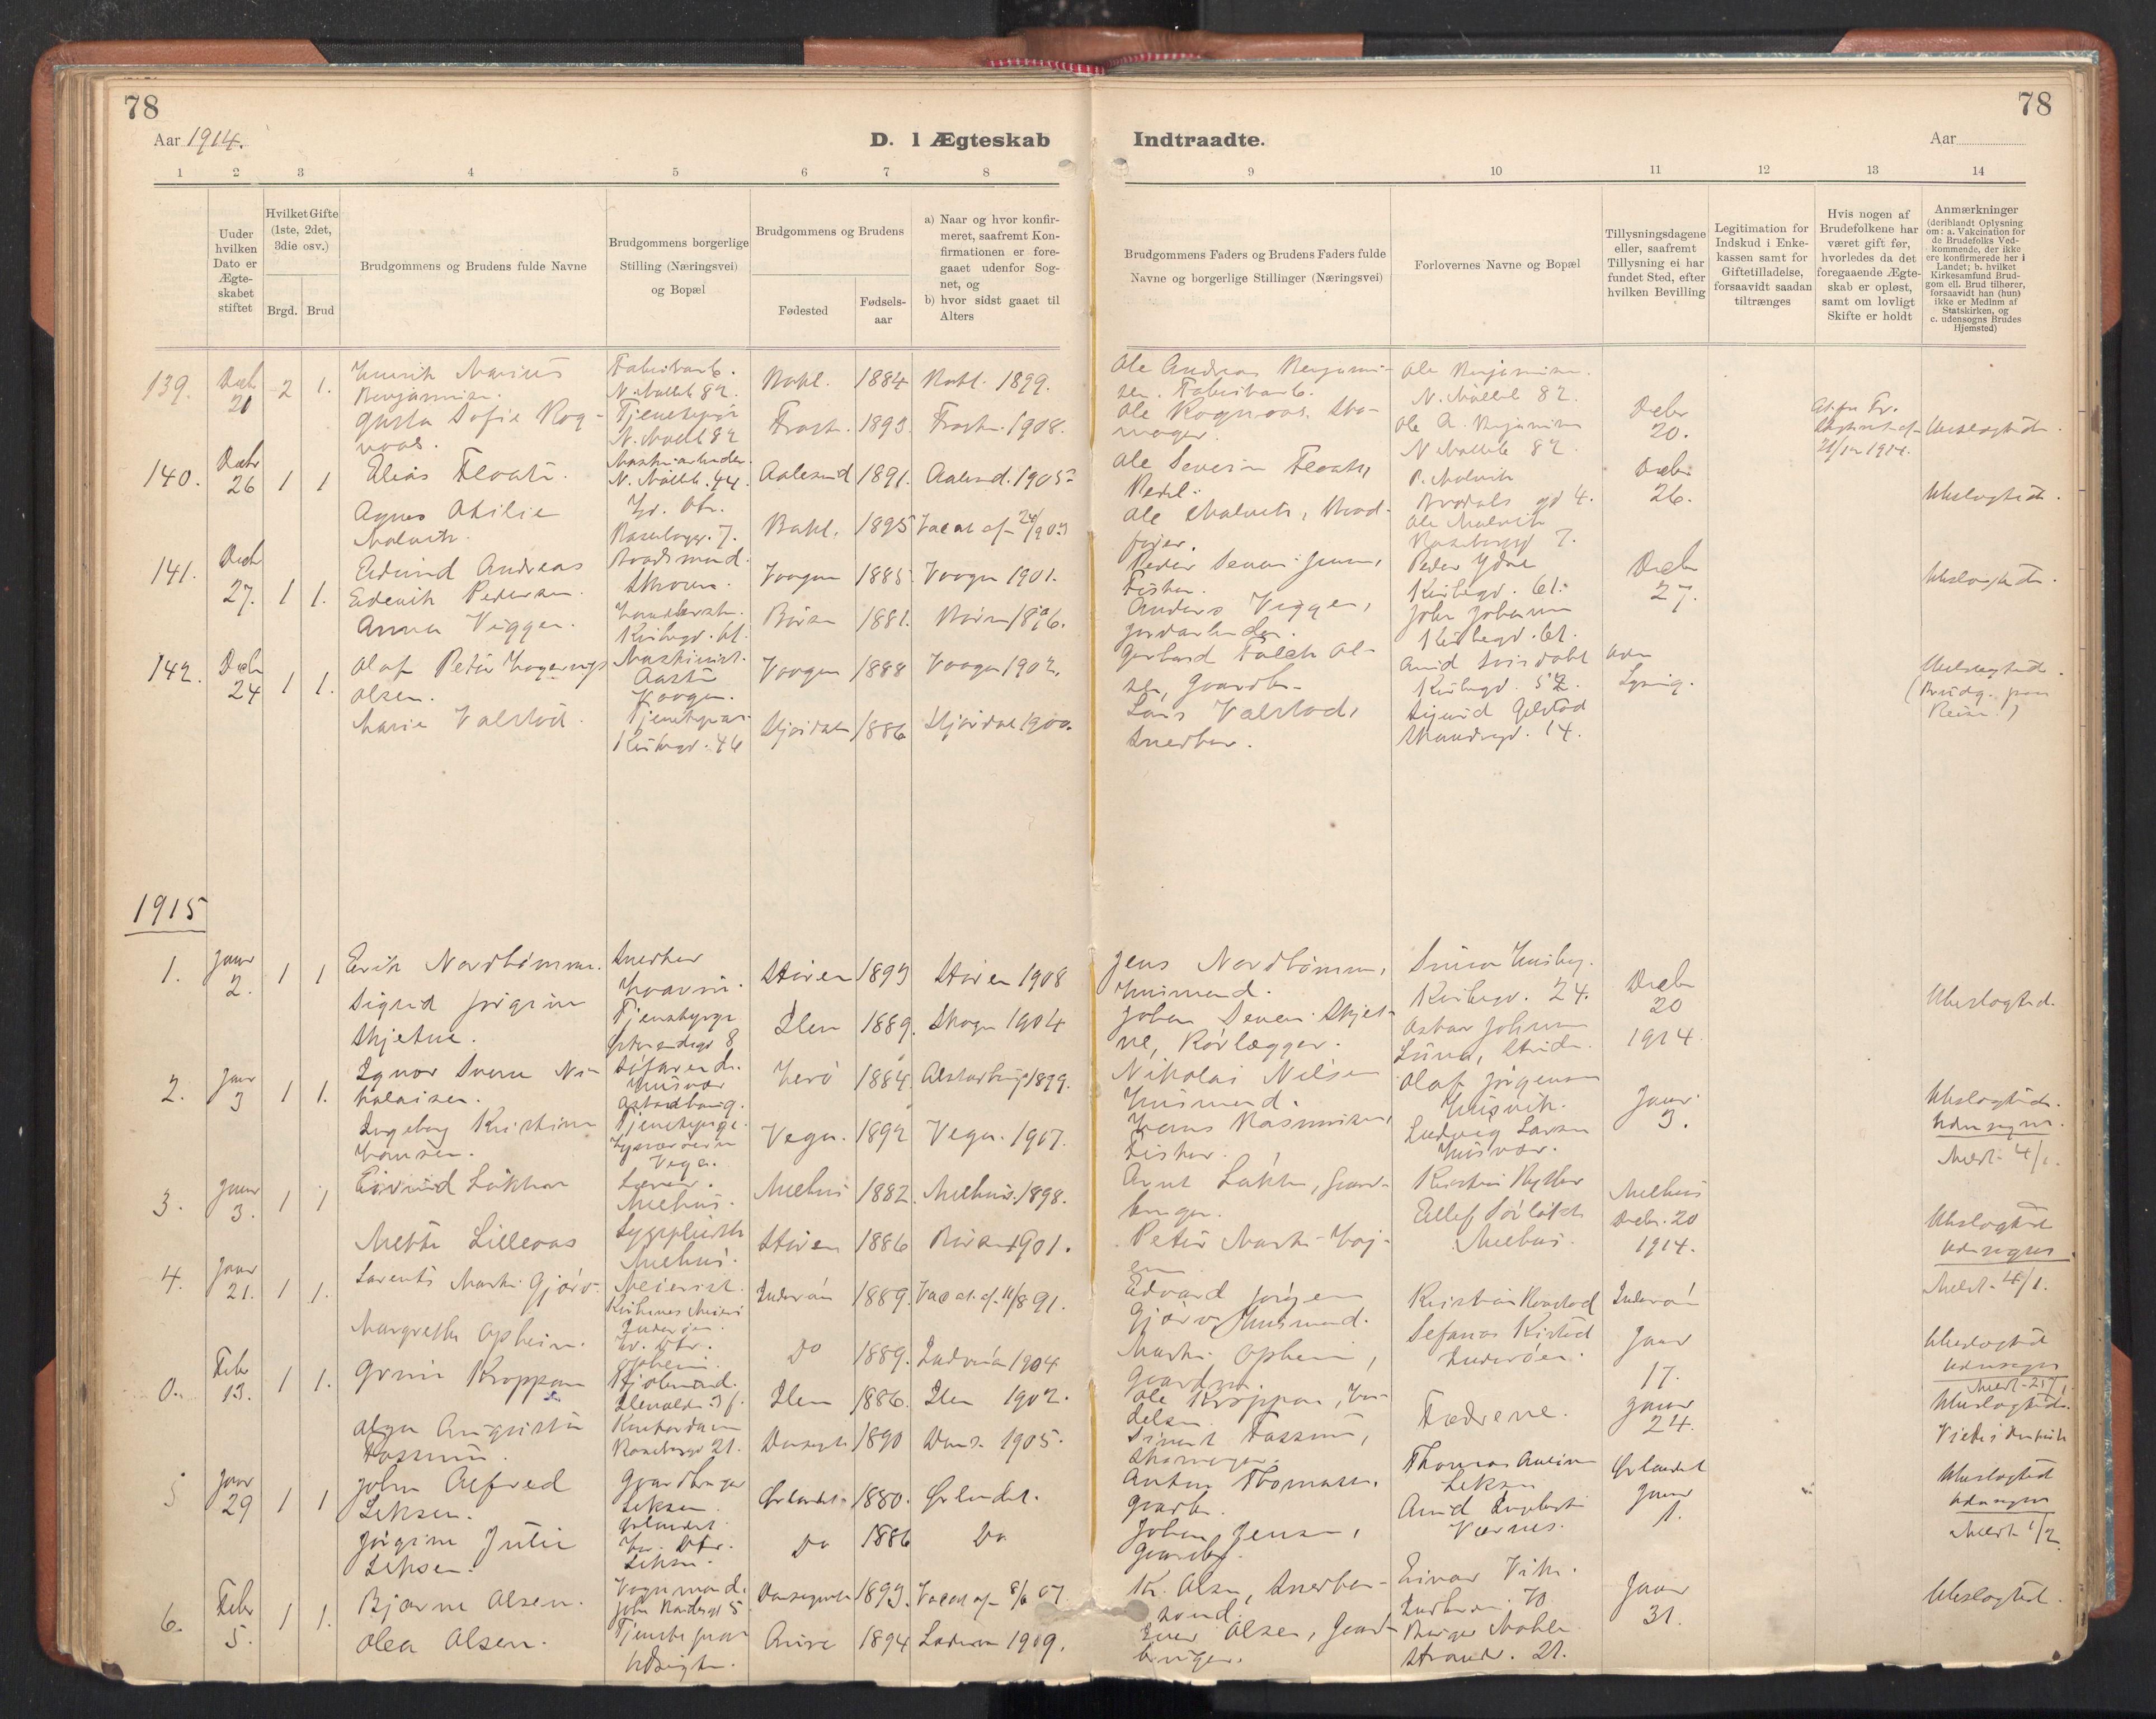 SAT, Ministerialprotokoller, klokkerbøker og fødselsregistre - Sør-Trøndelag, 605/L0244: Ministerialbok nr. 605A06, 1908-1954, s. 78